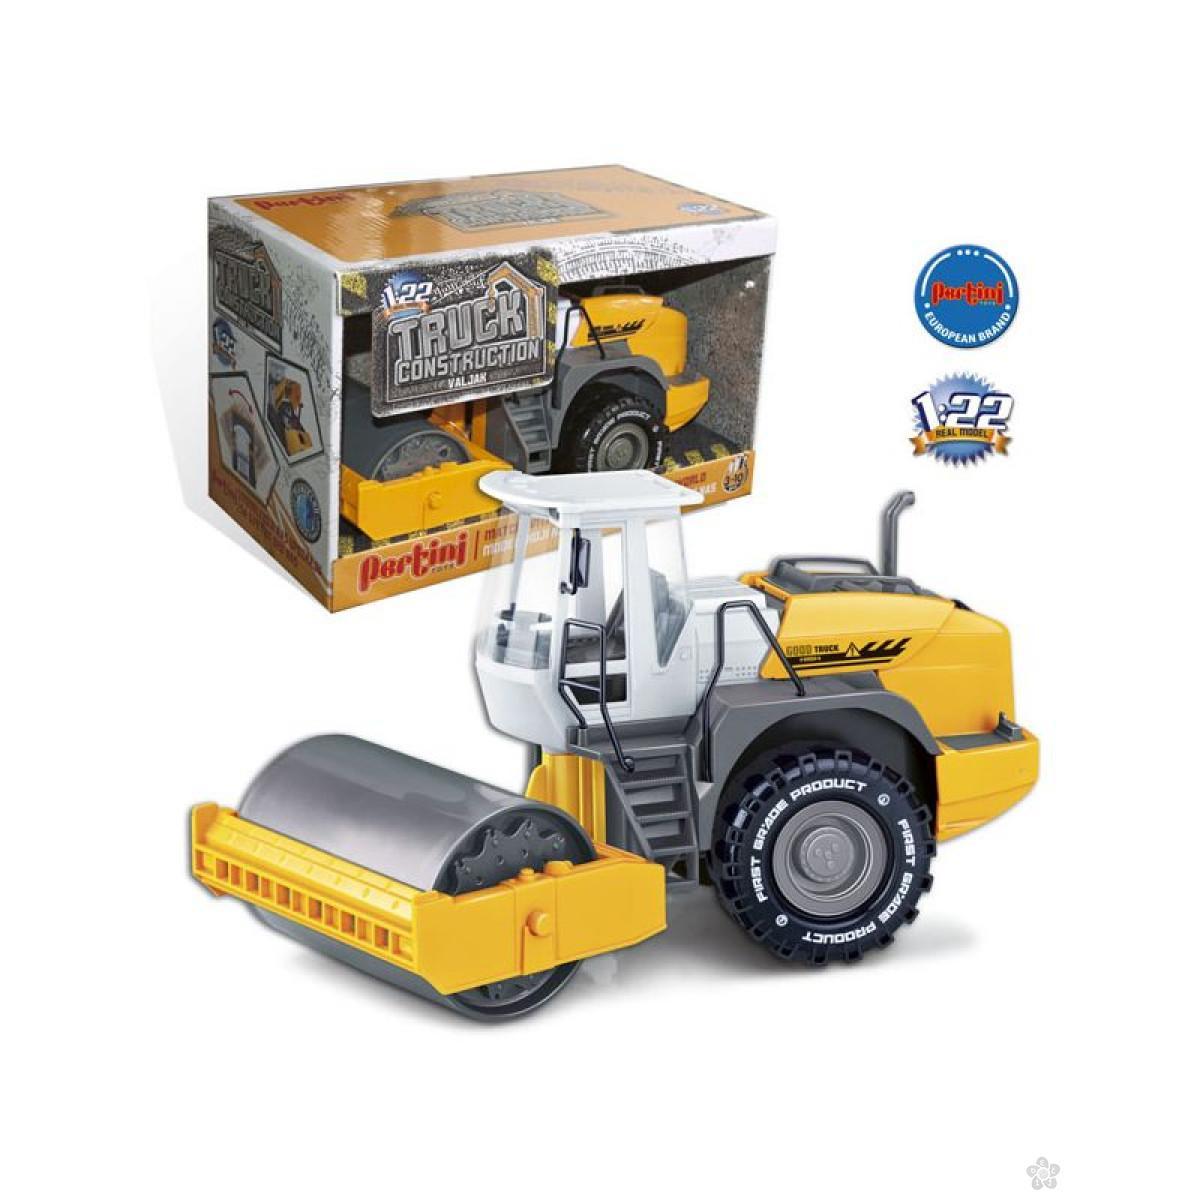 Traktor sa valjkom, P-0277